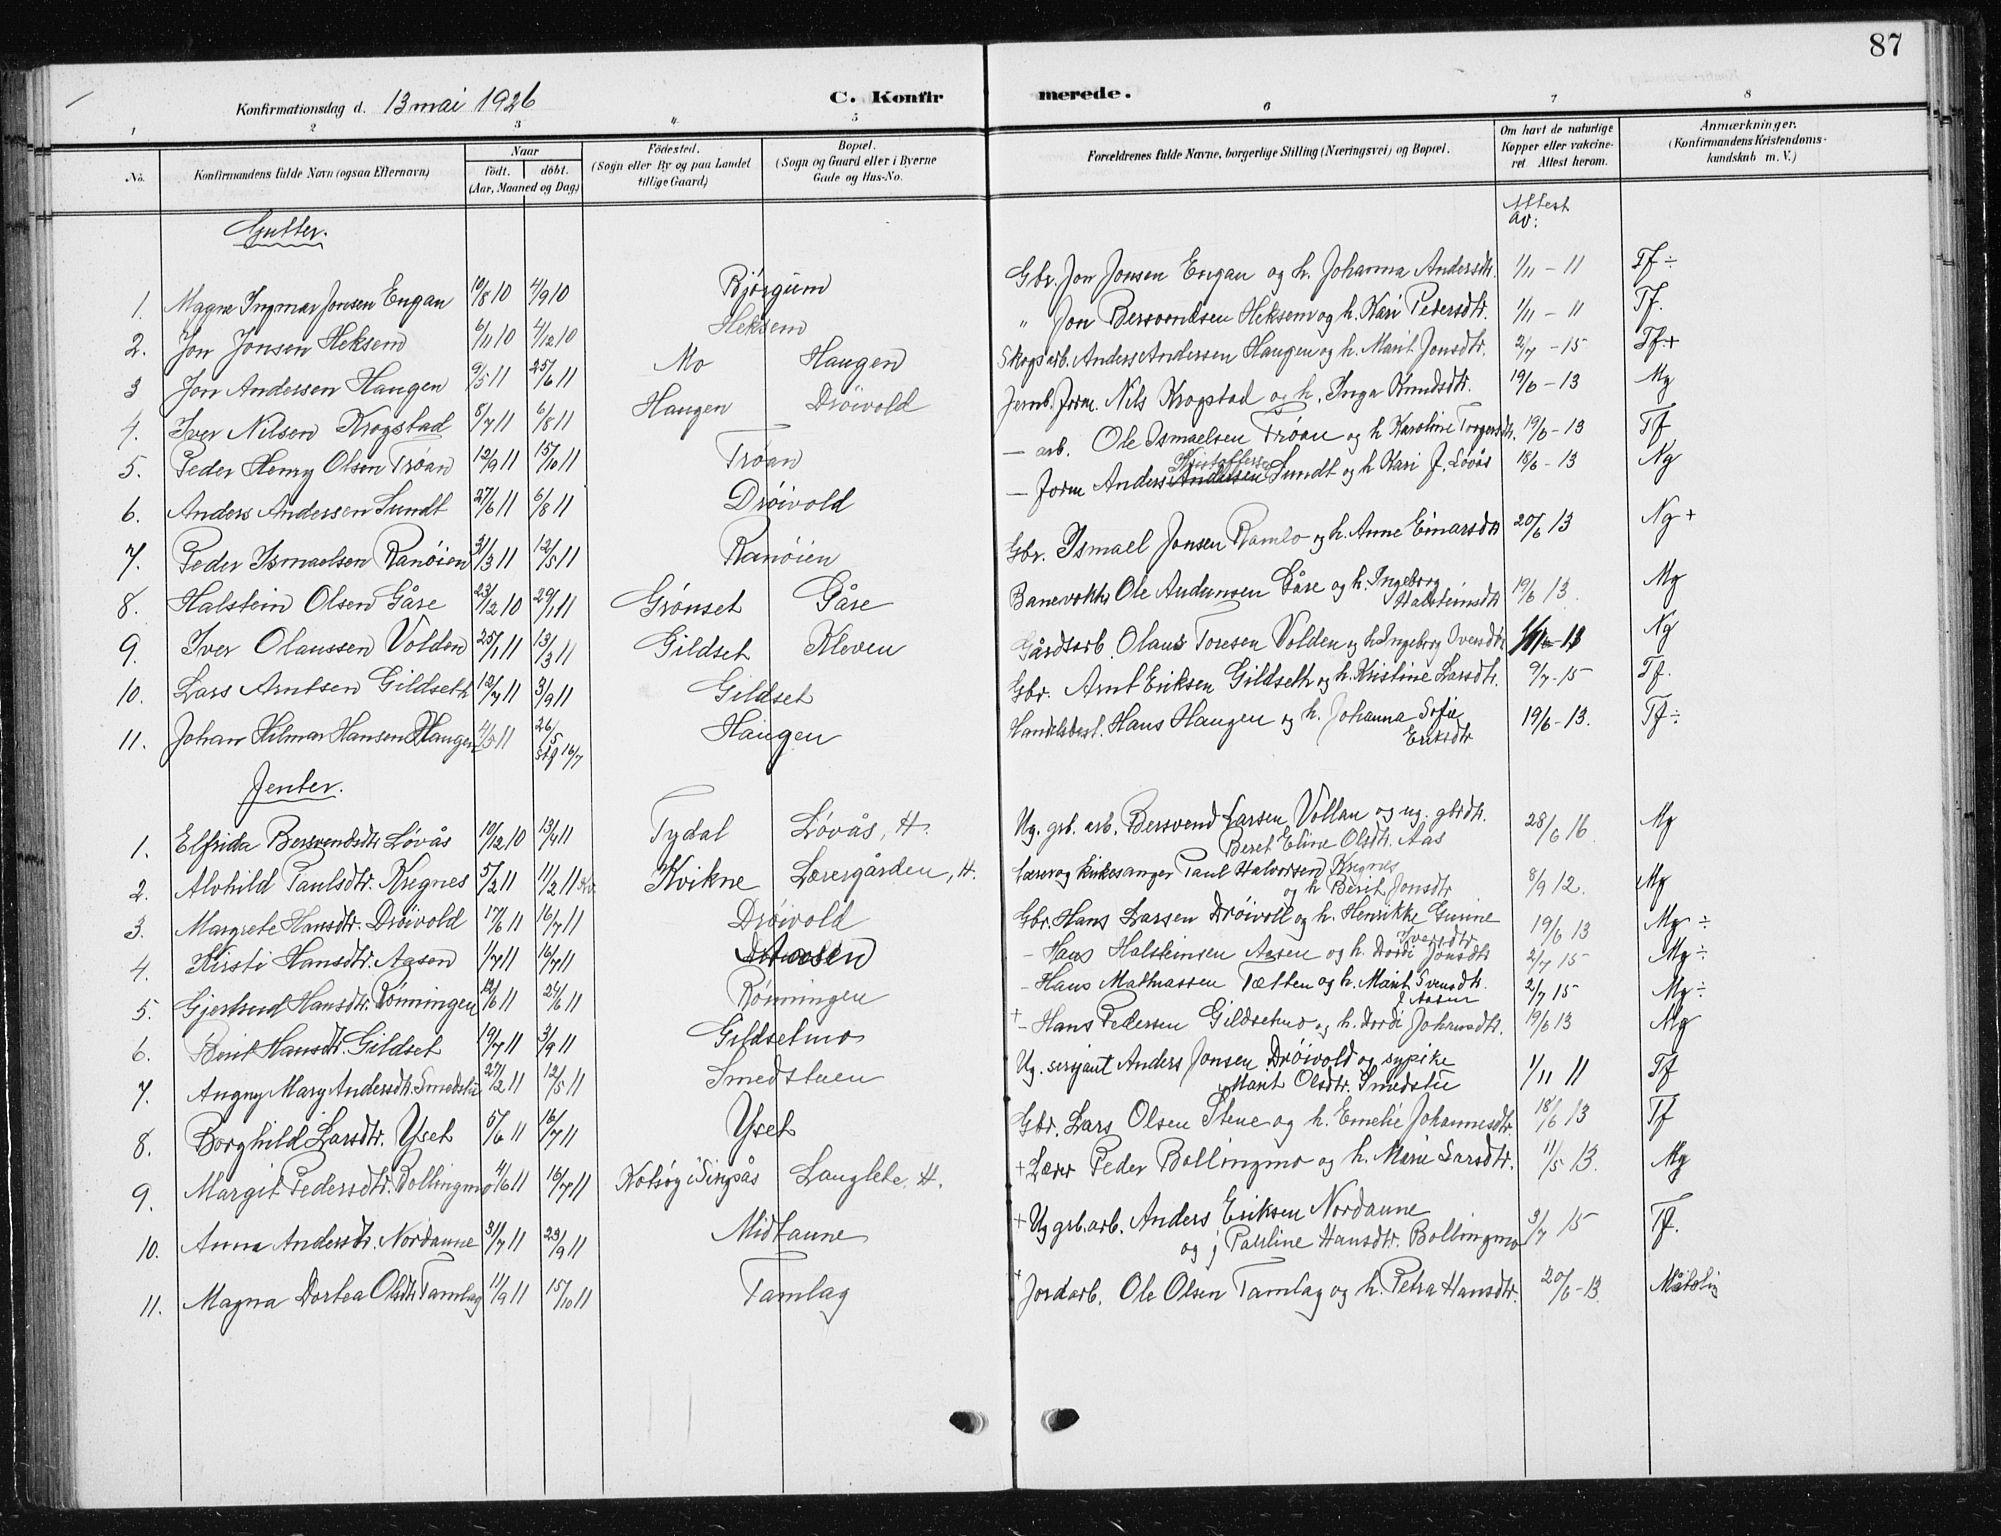 SAT, Ministerialprotokoller, klokkerbøker og fødselsregistre - Sør-Trøndelag, 685/L0979: Klokkerbok nr. 685C04, 1908-1933, s. 87